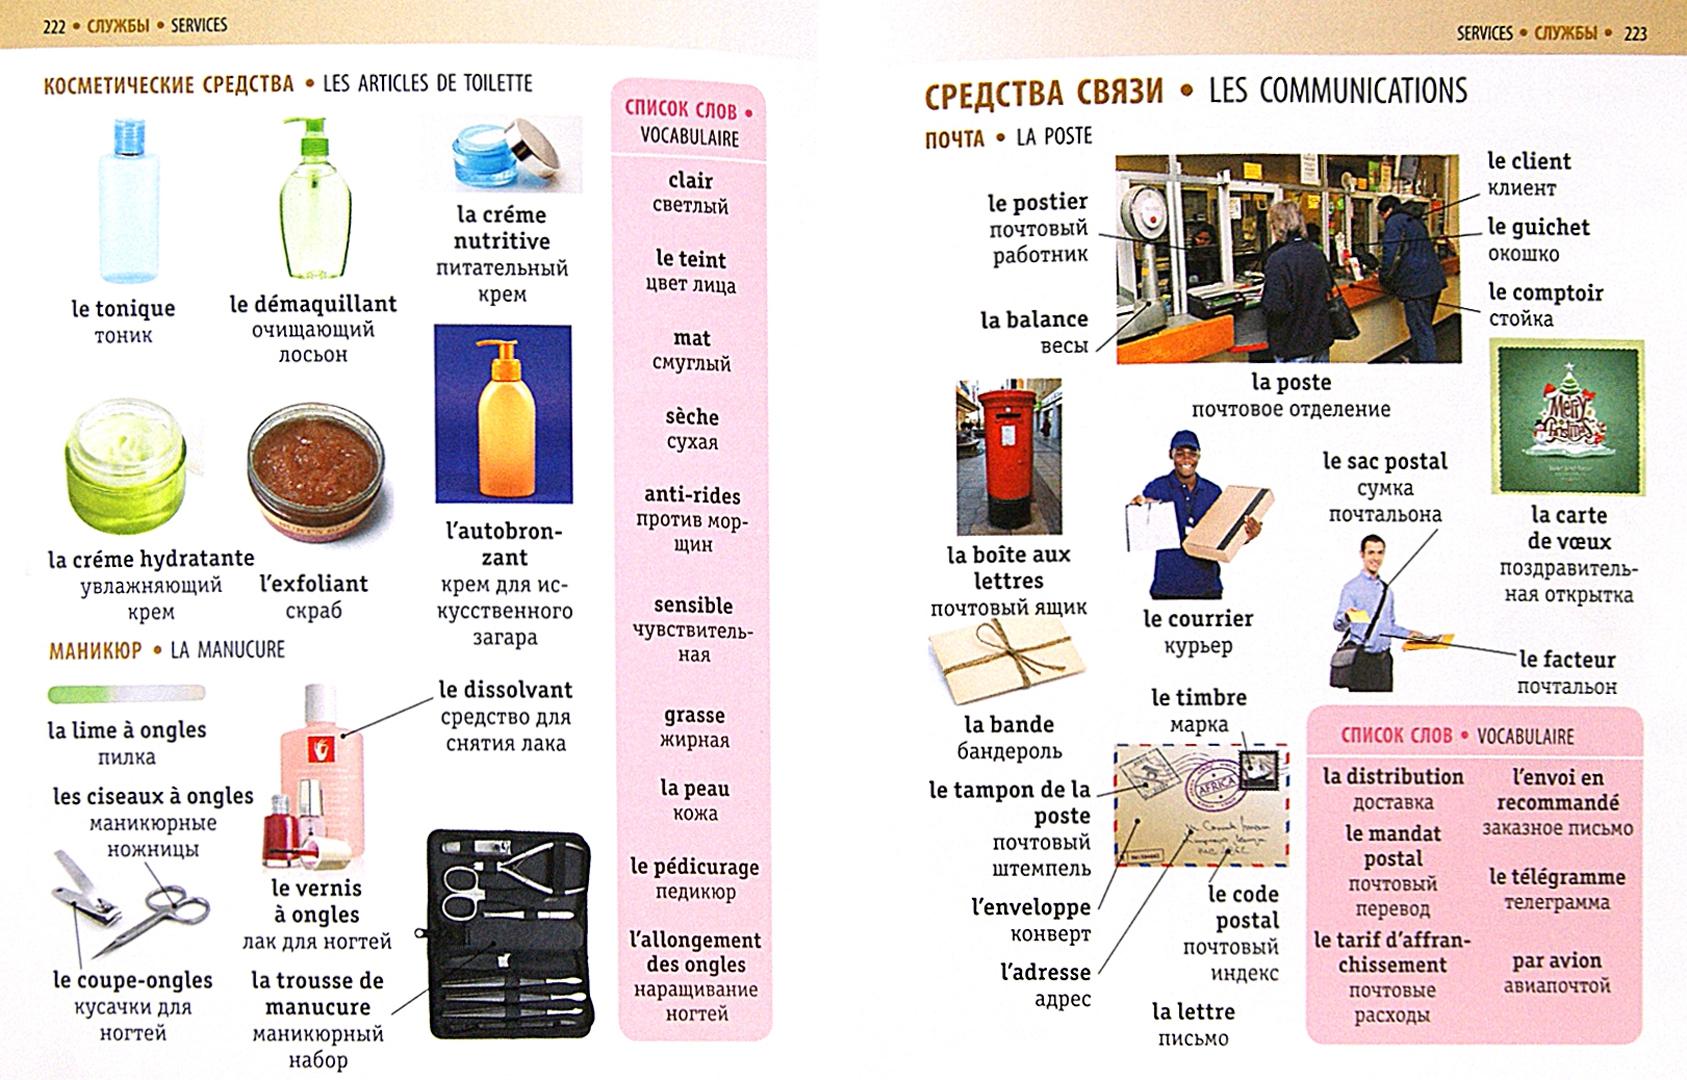 Иллюстрация 1 из 23 для Французско-русский визуальный словарь | Лабиринт - книги. Источник: Лабиринт